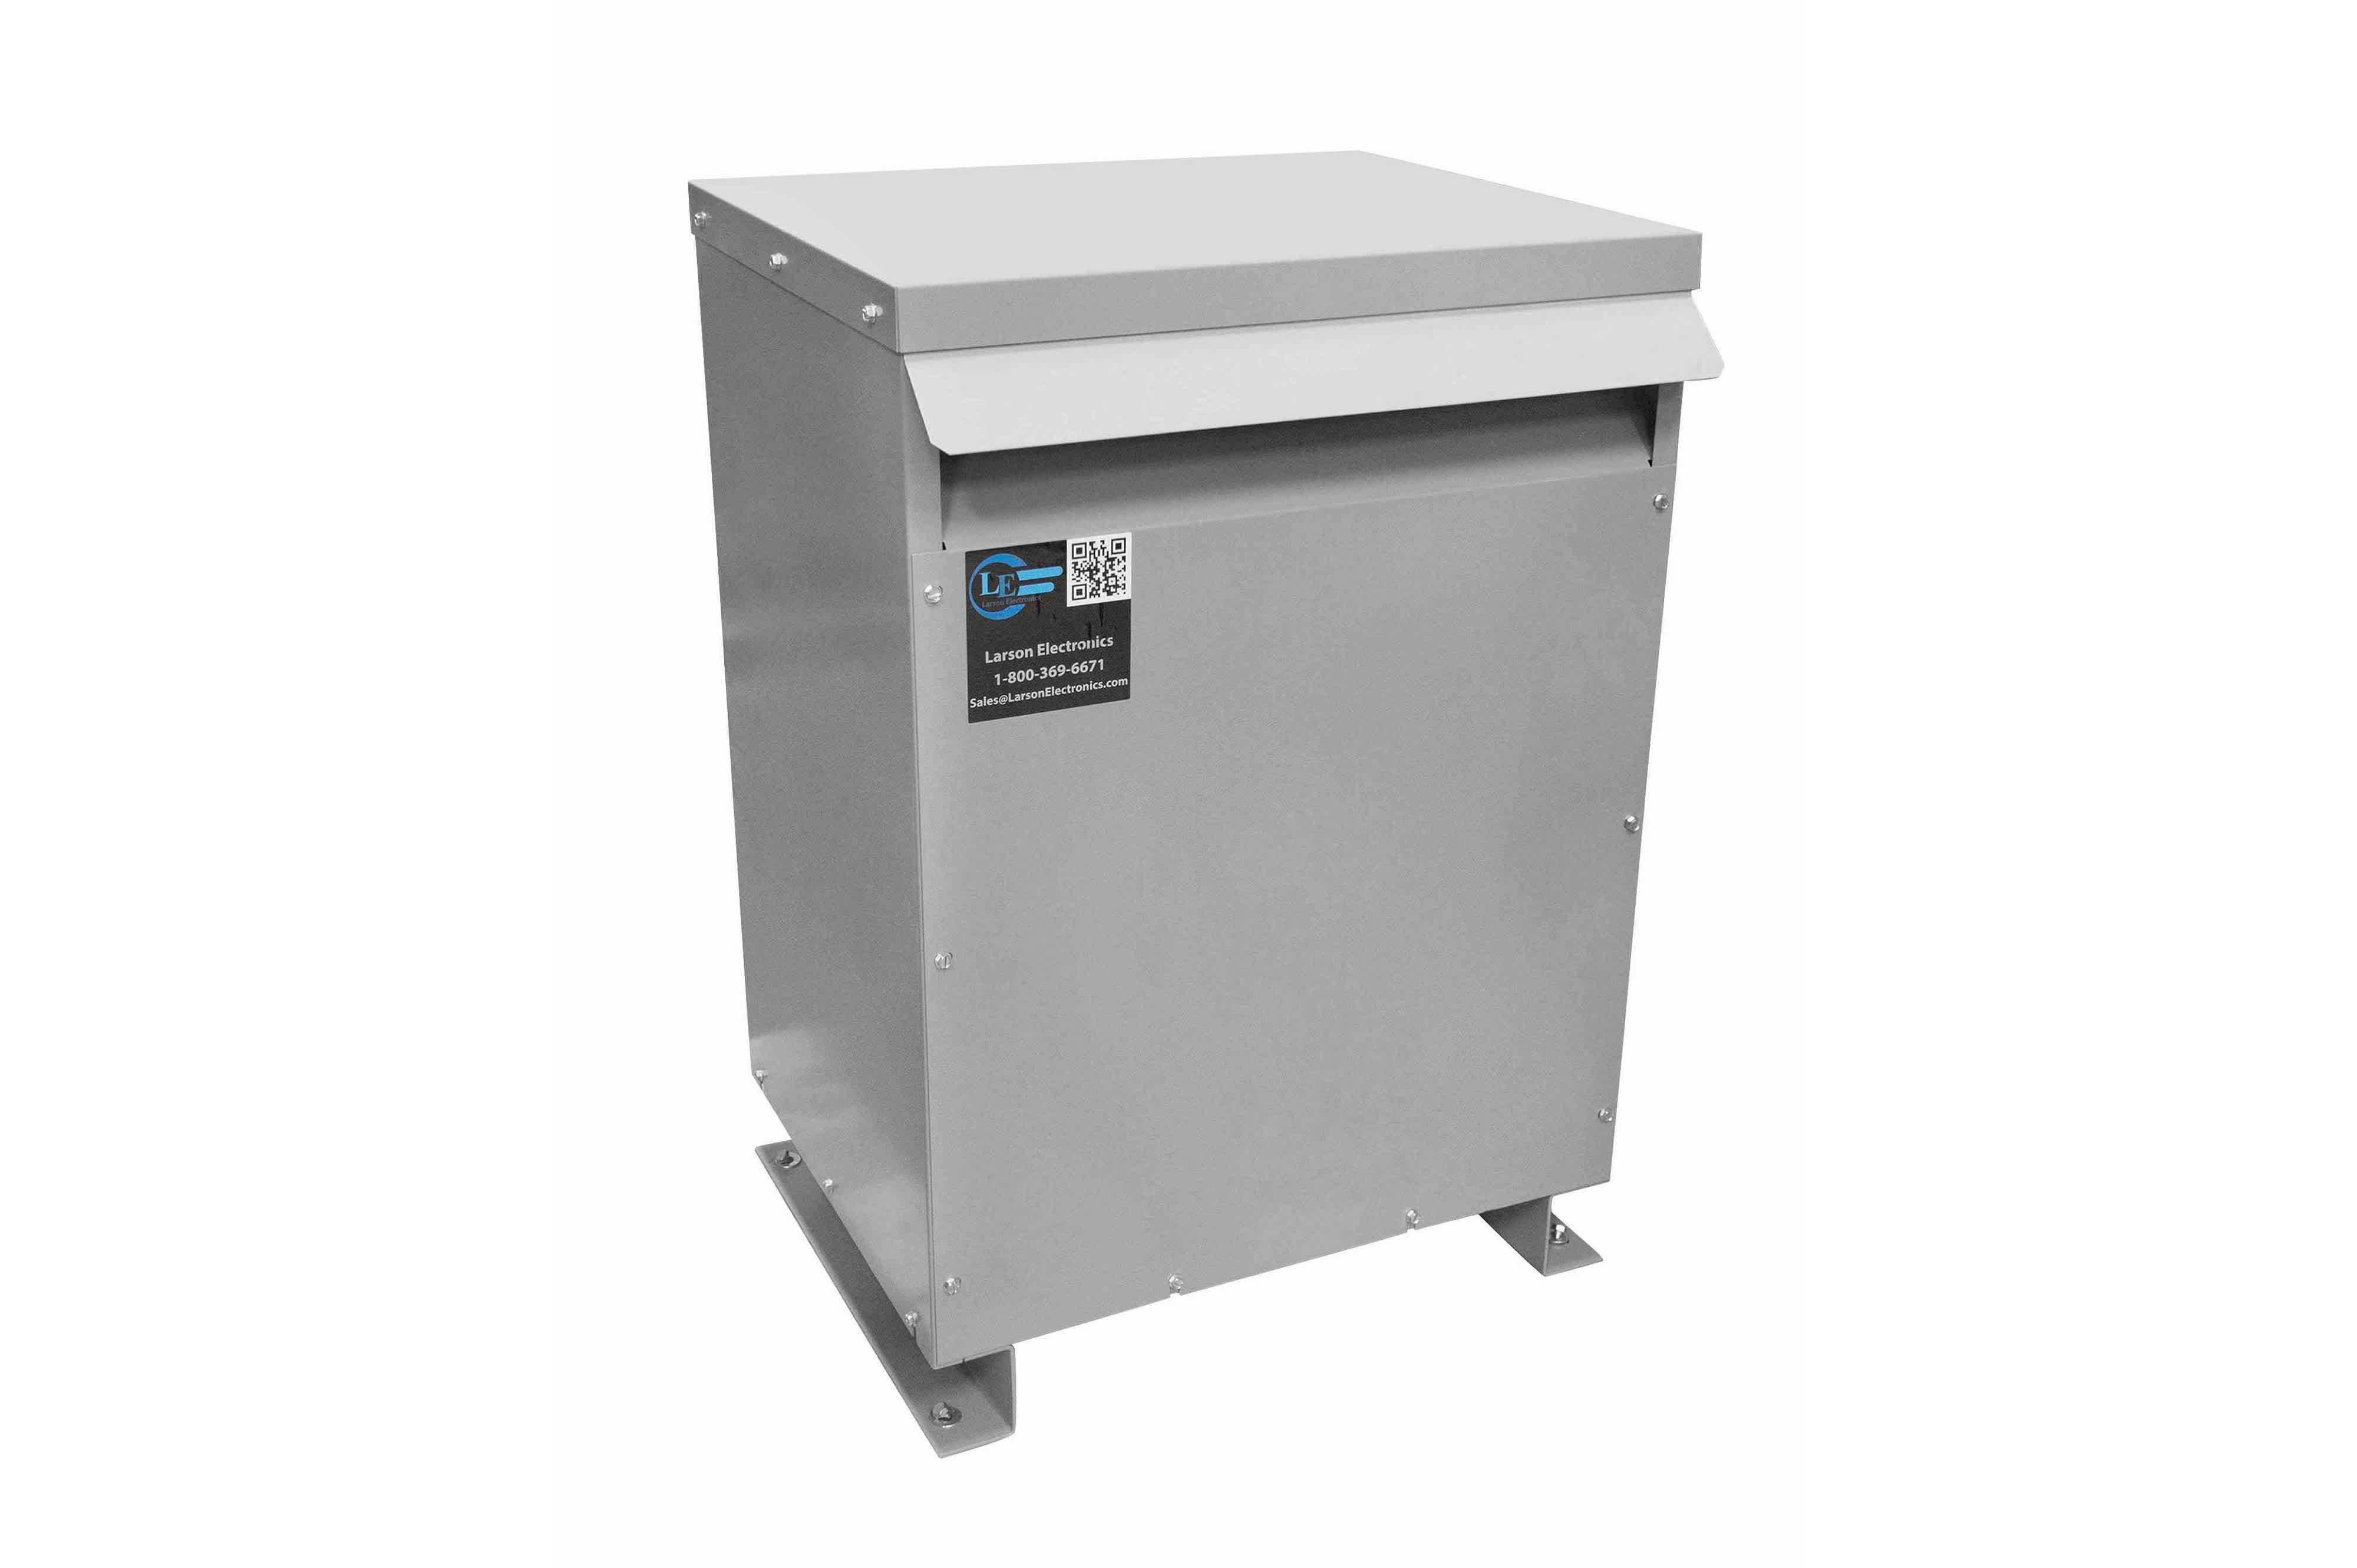 90 kVA 3PH Isolation Transformer, 380V Delta Primary, 600V Delta Secondary, N3R, Ventilated, 60 Hz